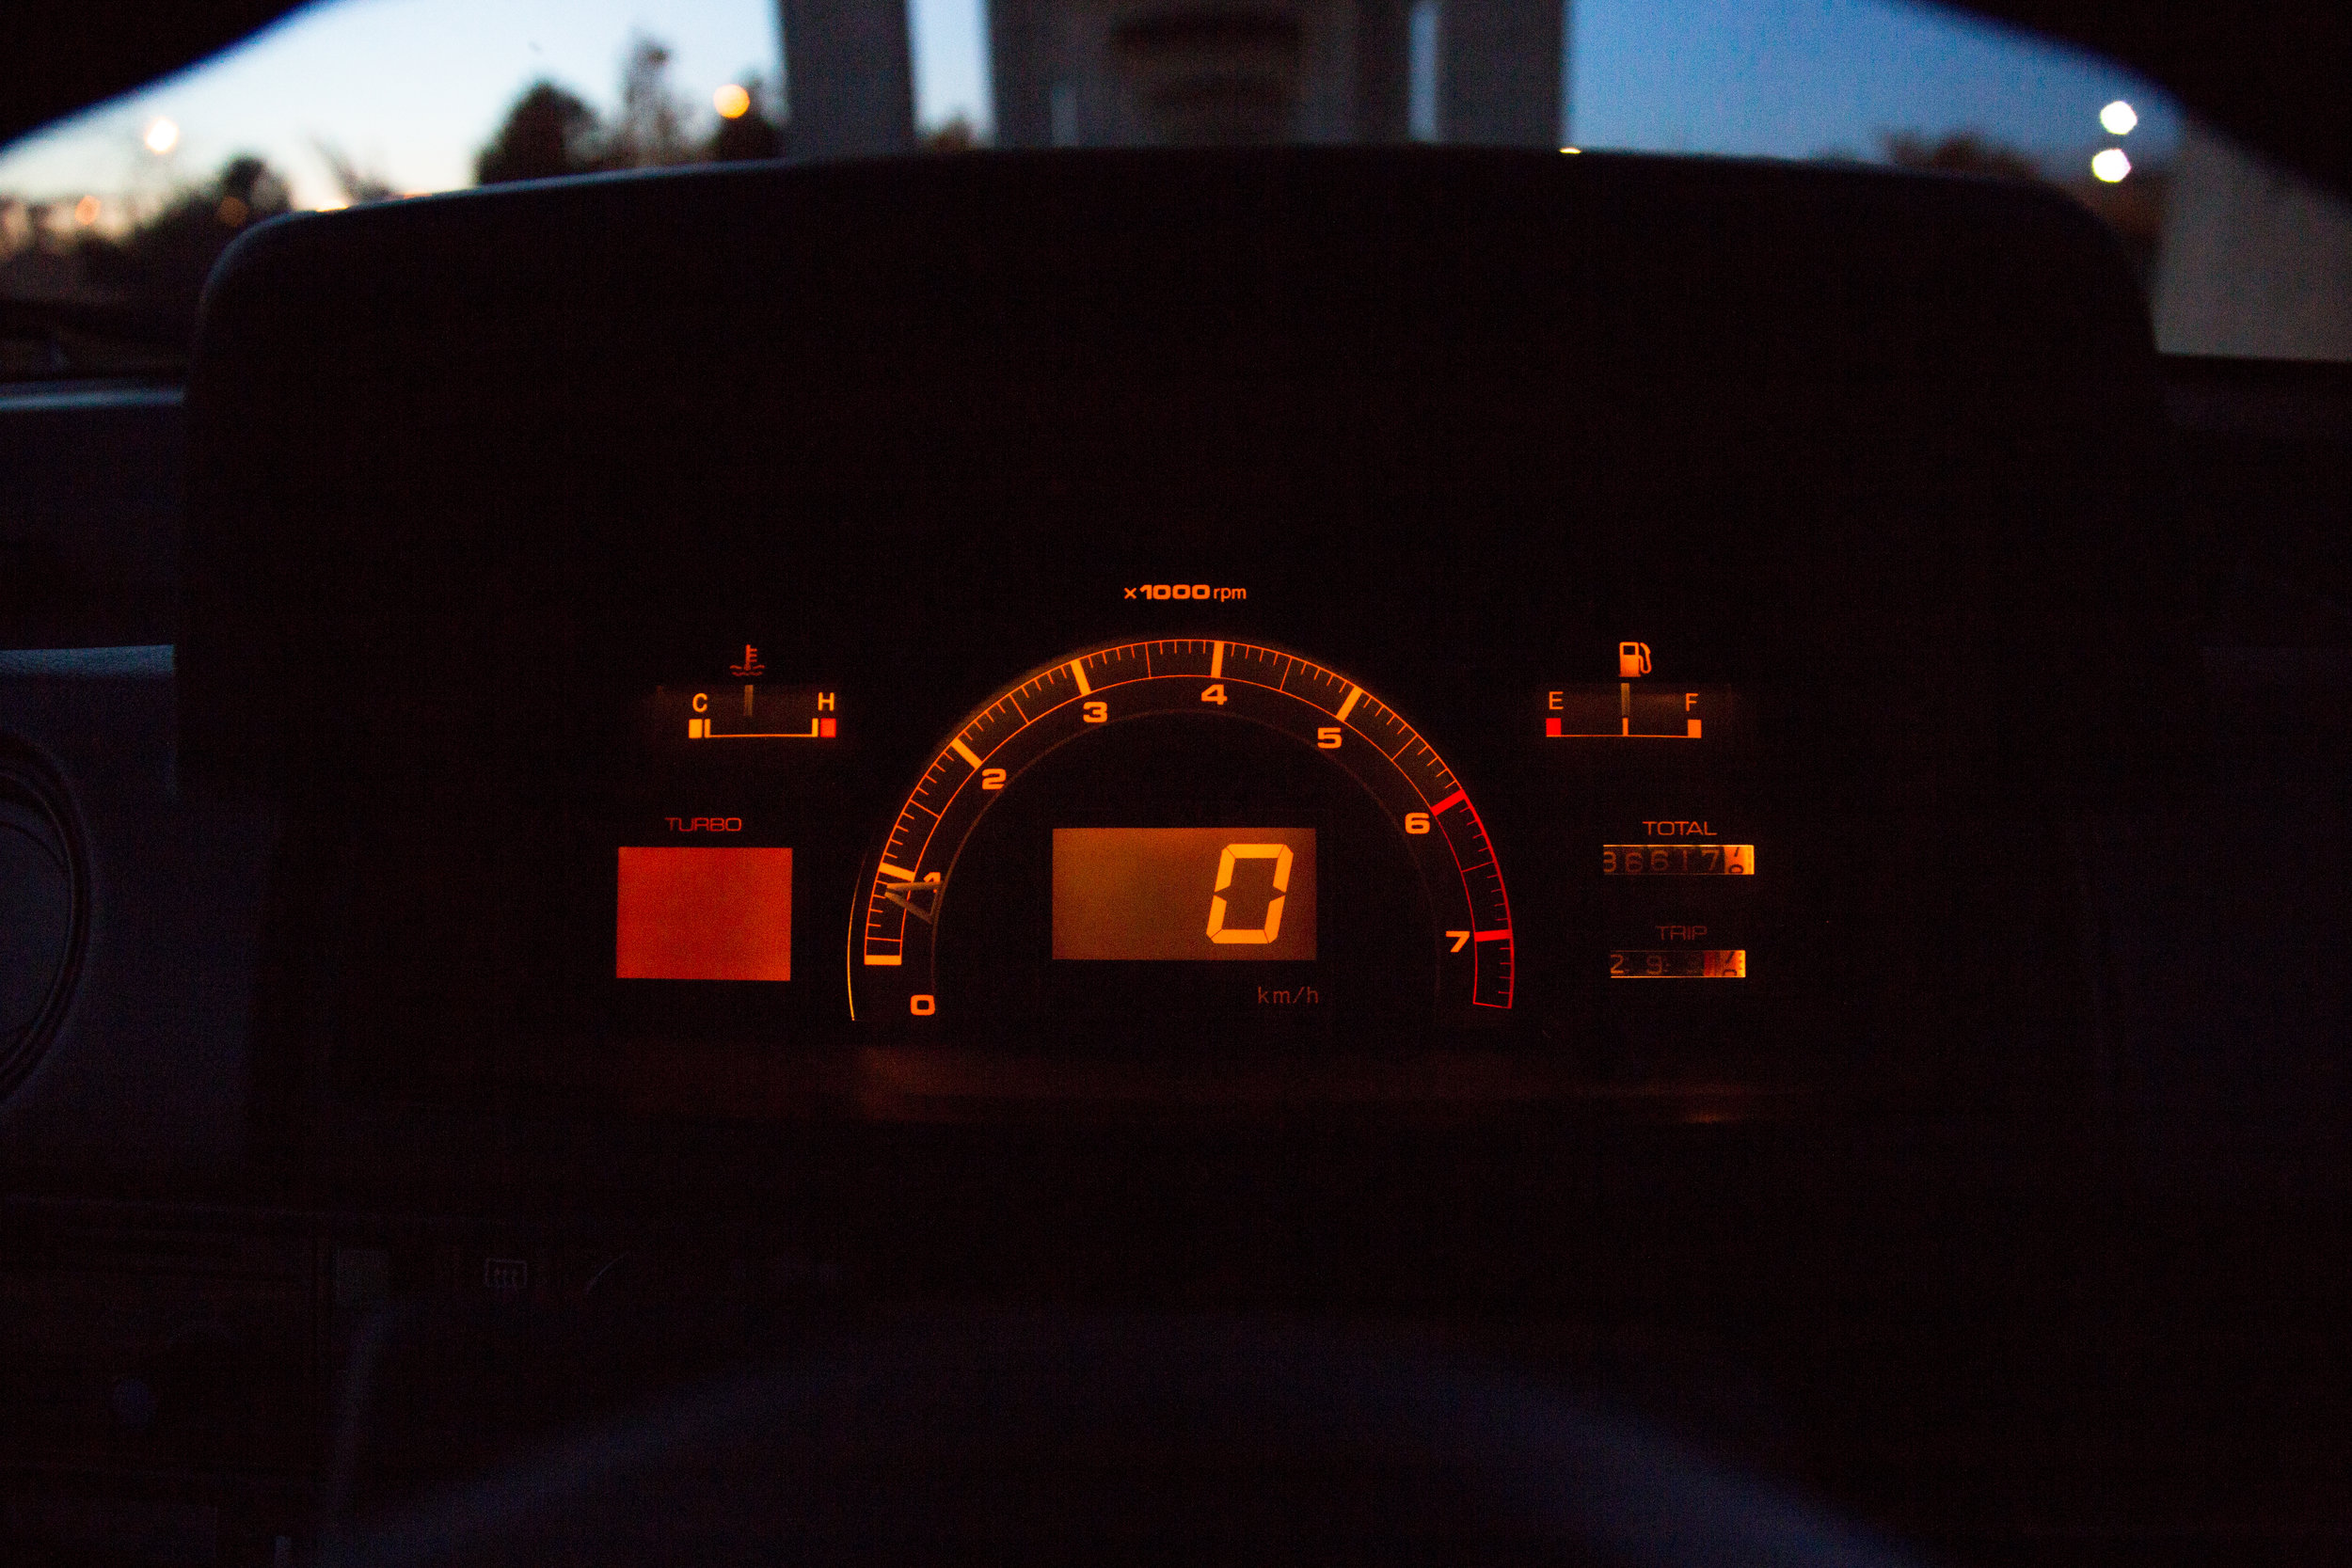 1983-honda-city-turbo-ii--motocompo_32512122798_o.jpg